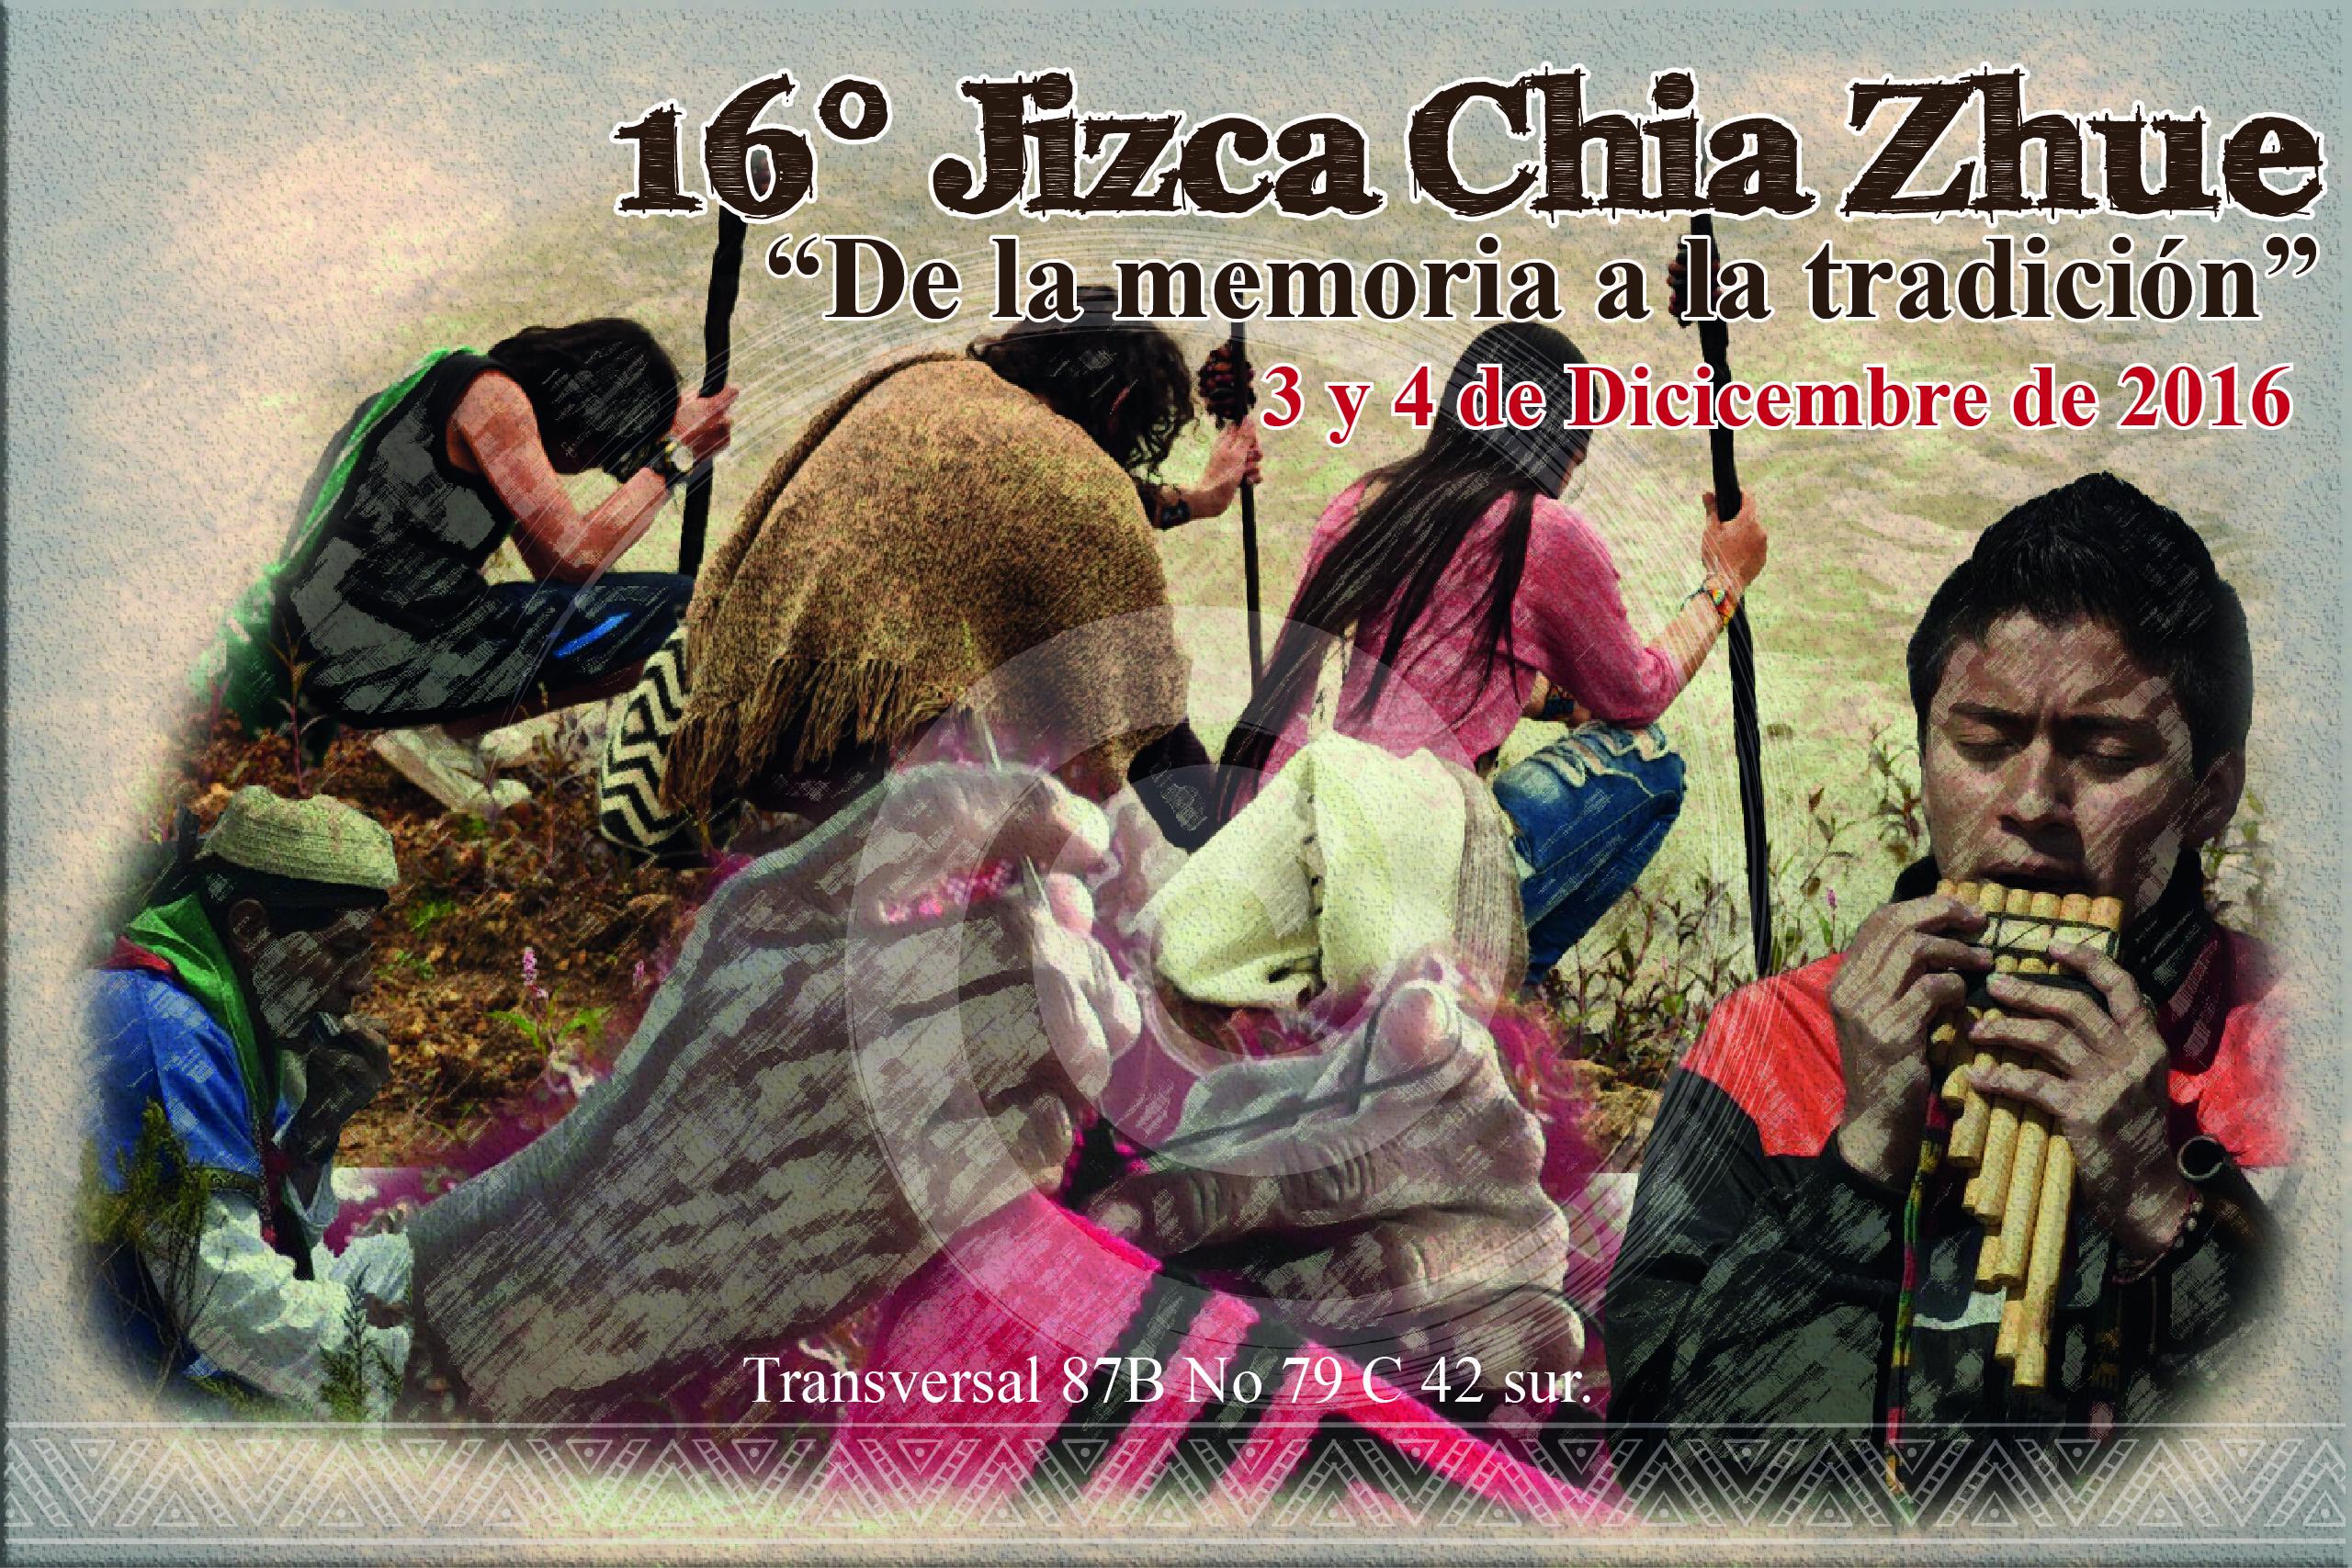 Jizca_2016